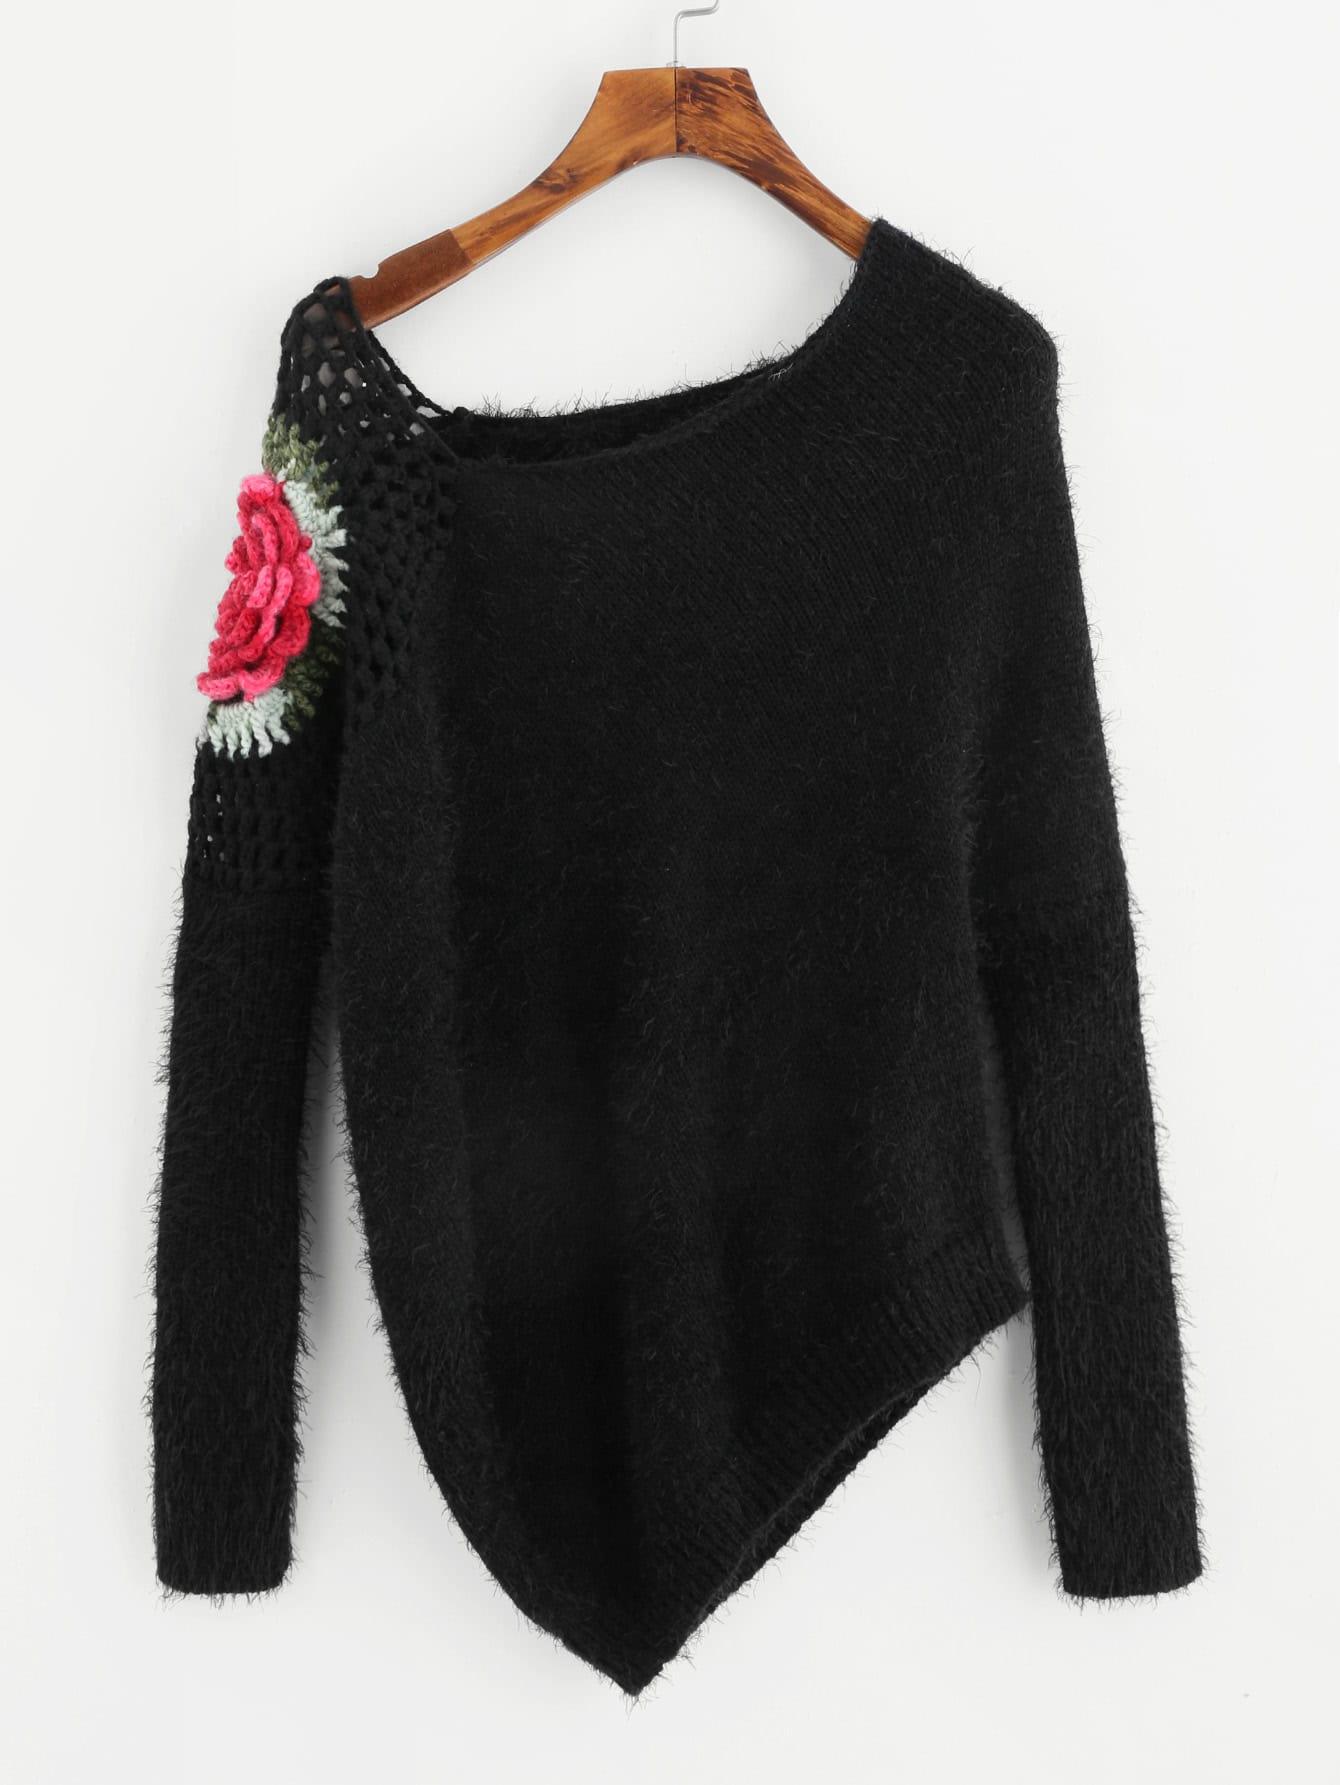 Модный асимметричный джемпер на одно плечо с цветочным узором, null, SheIn  - купить со скидкой